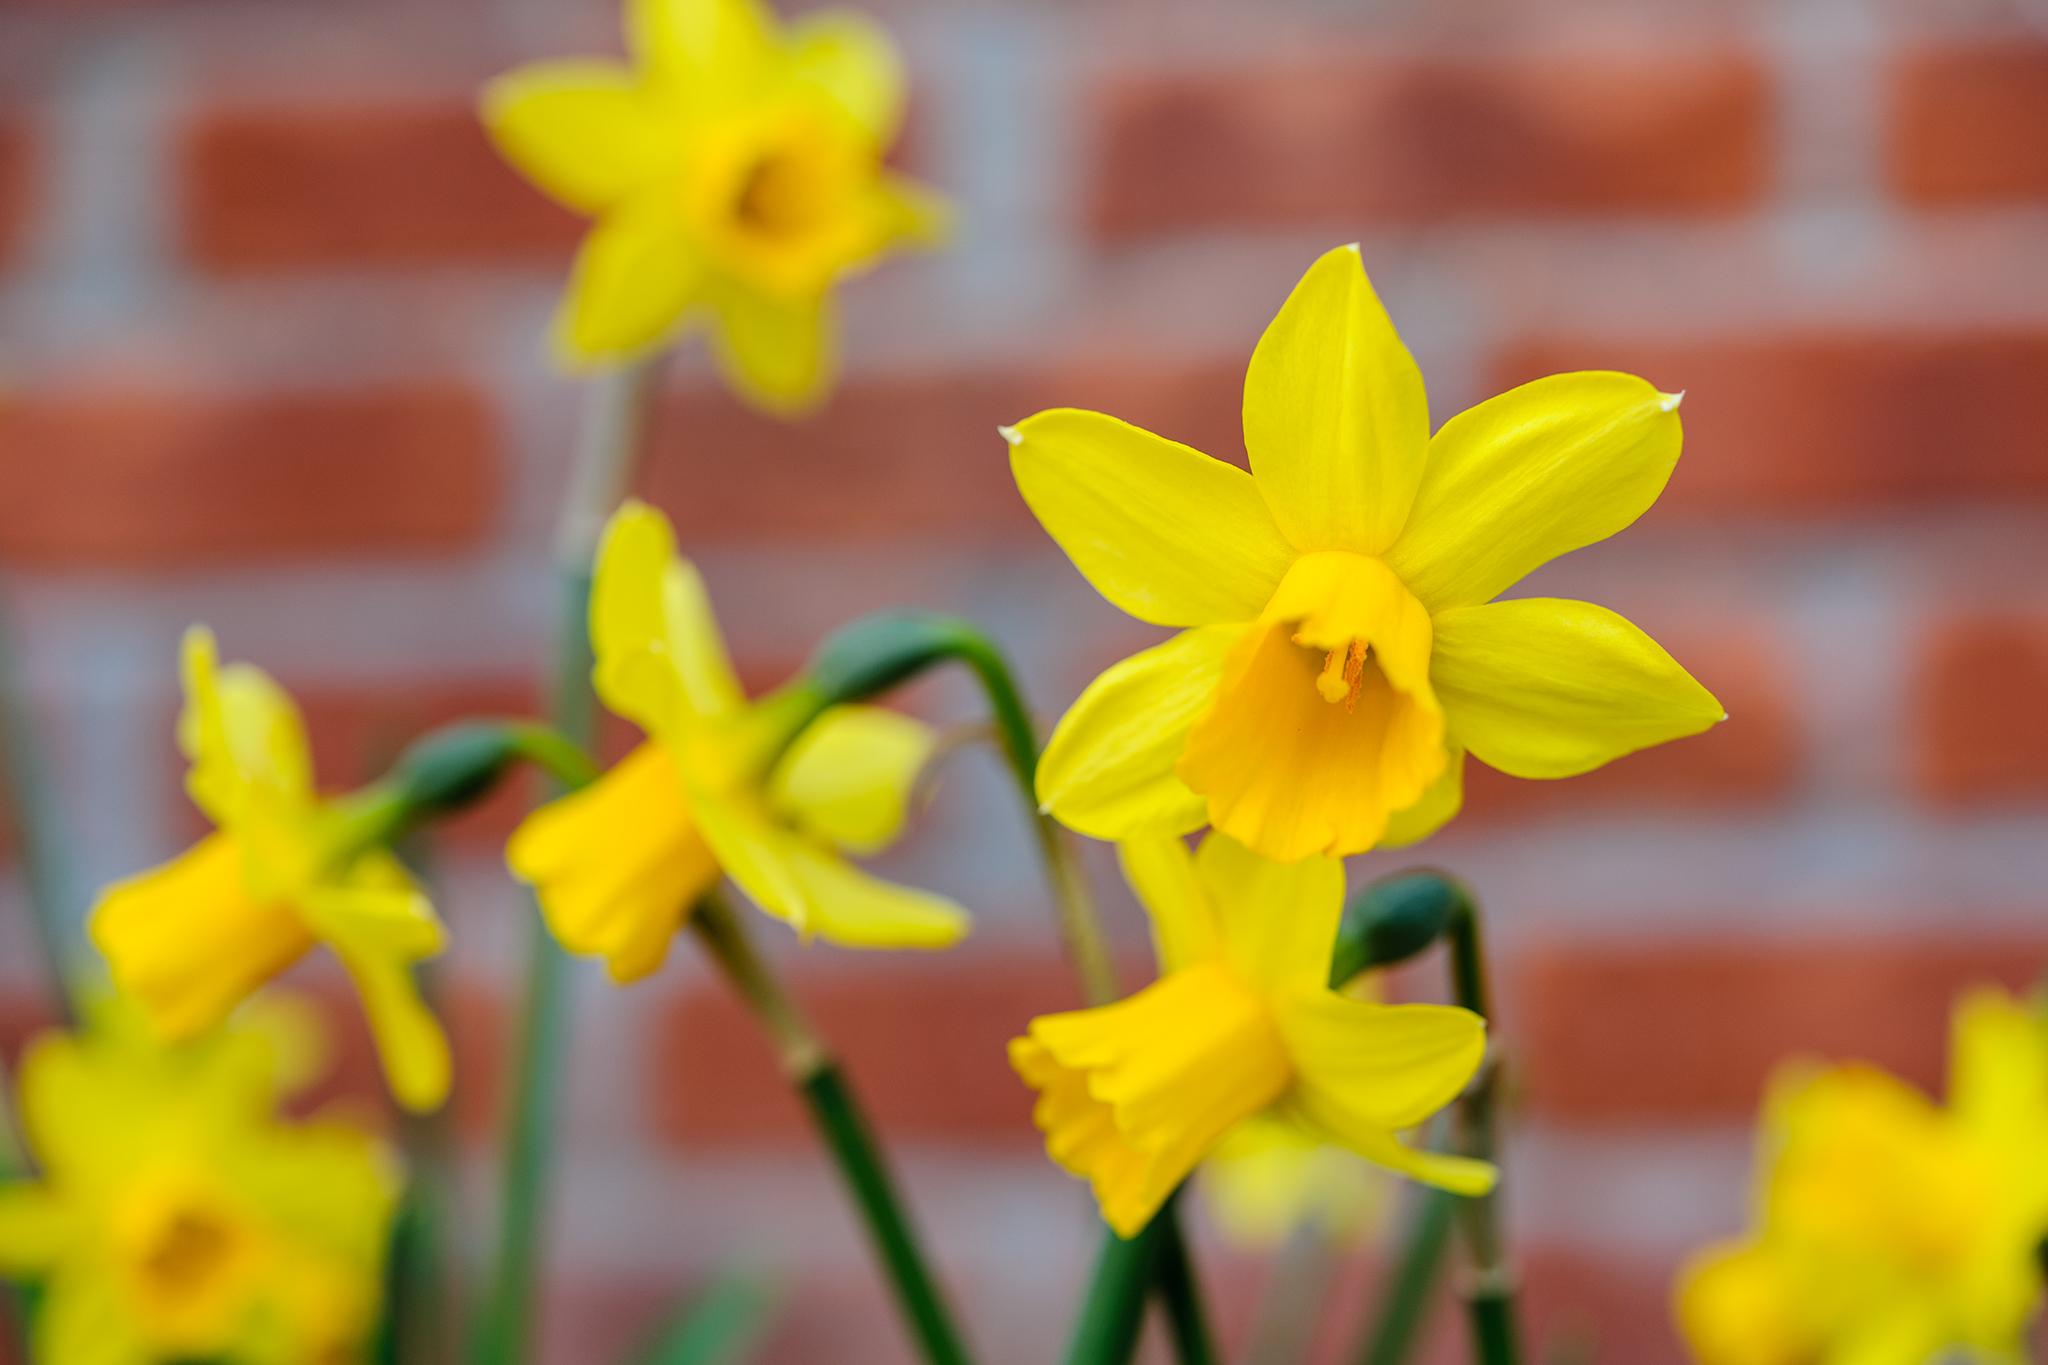 daffodil-flowers-4